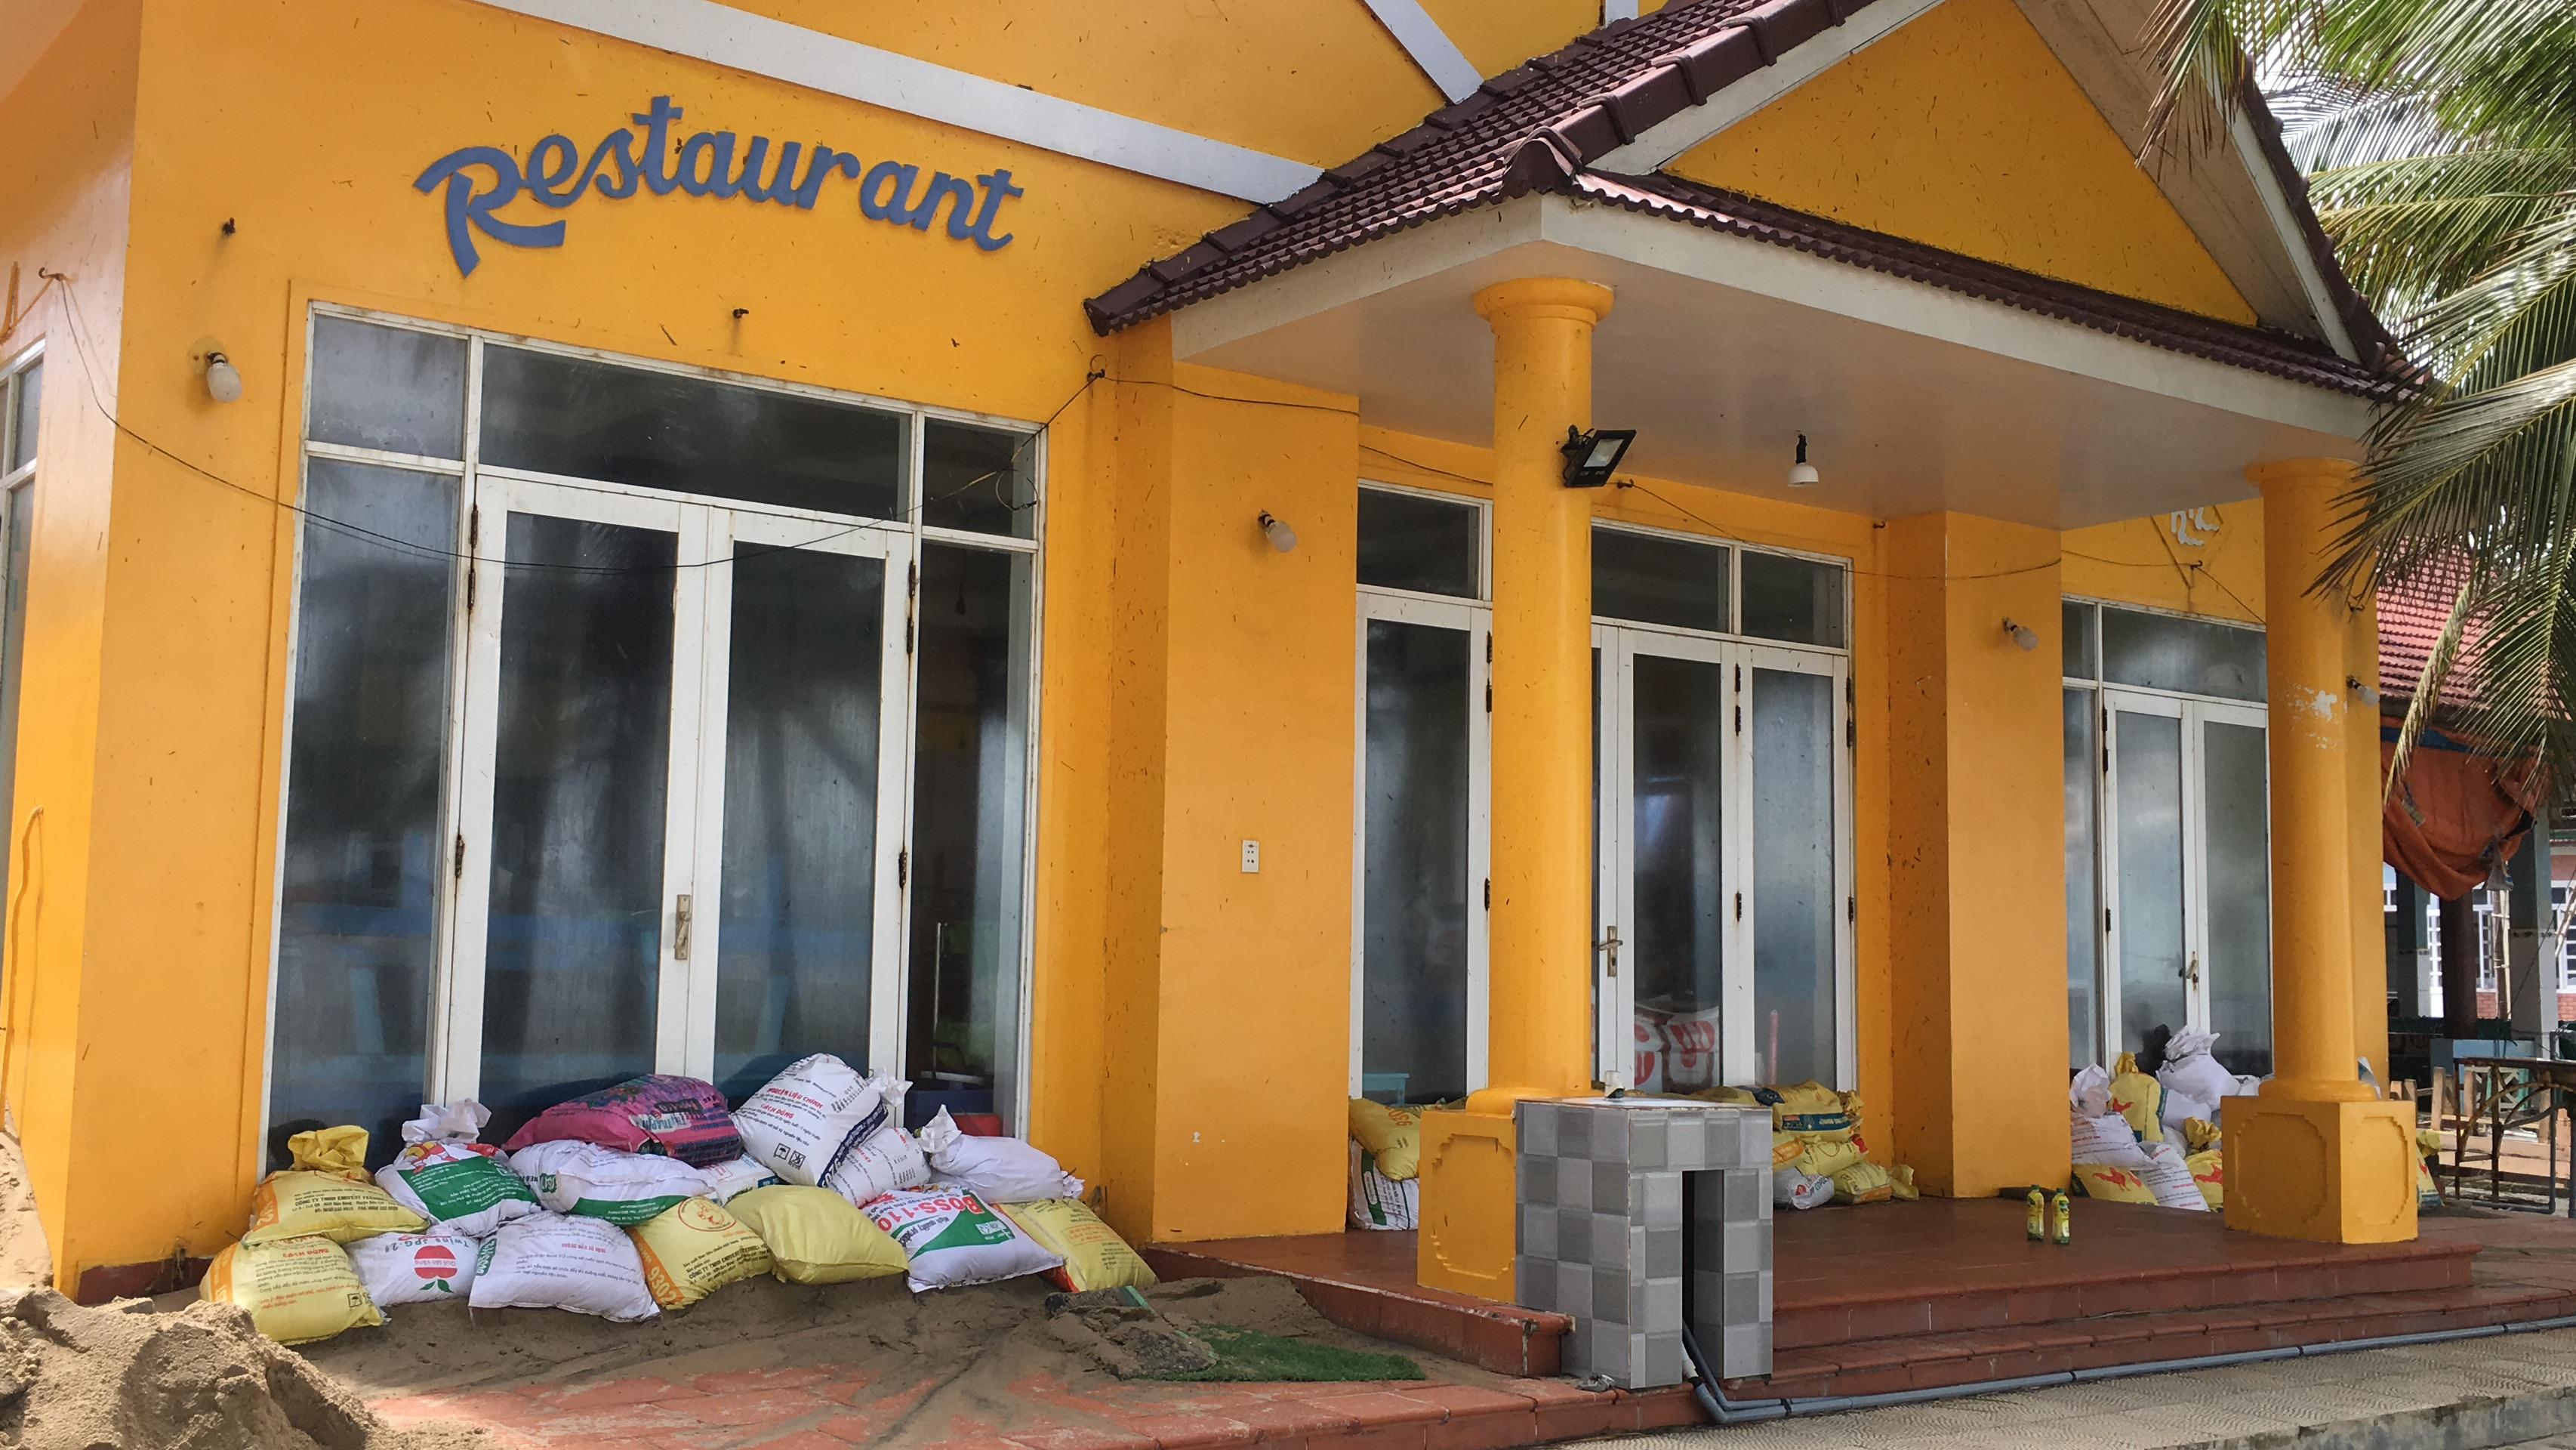 Nhà hàng, khách sạn ven biển Cửa Đại, Hội An trước nguy cơ đổ sập vì sạt lở - Ảnh 7.